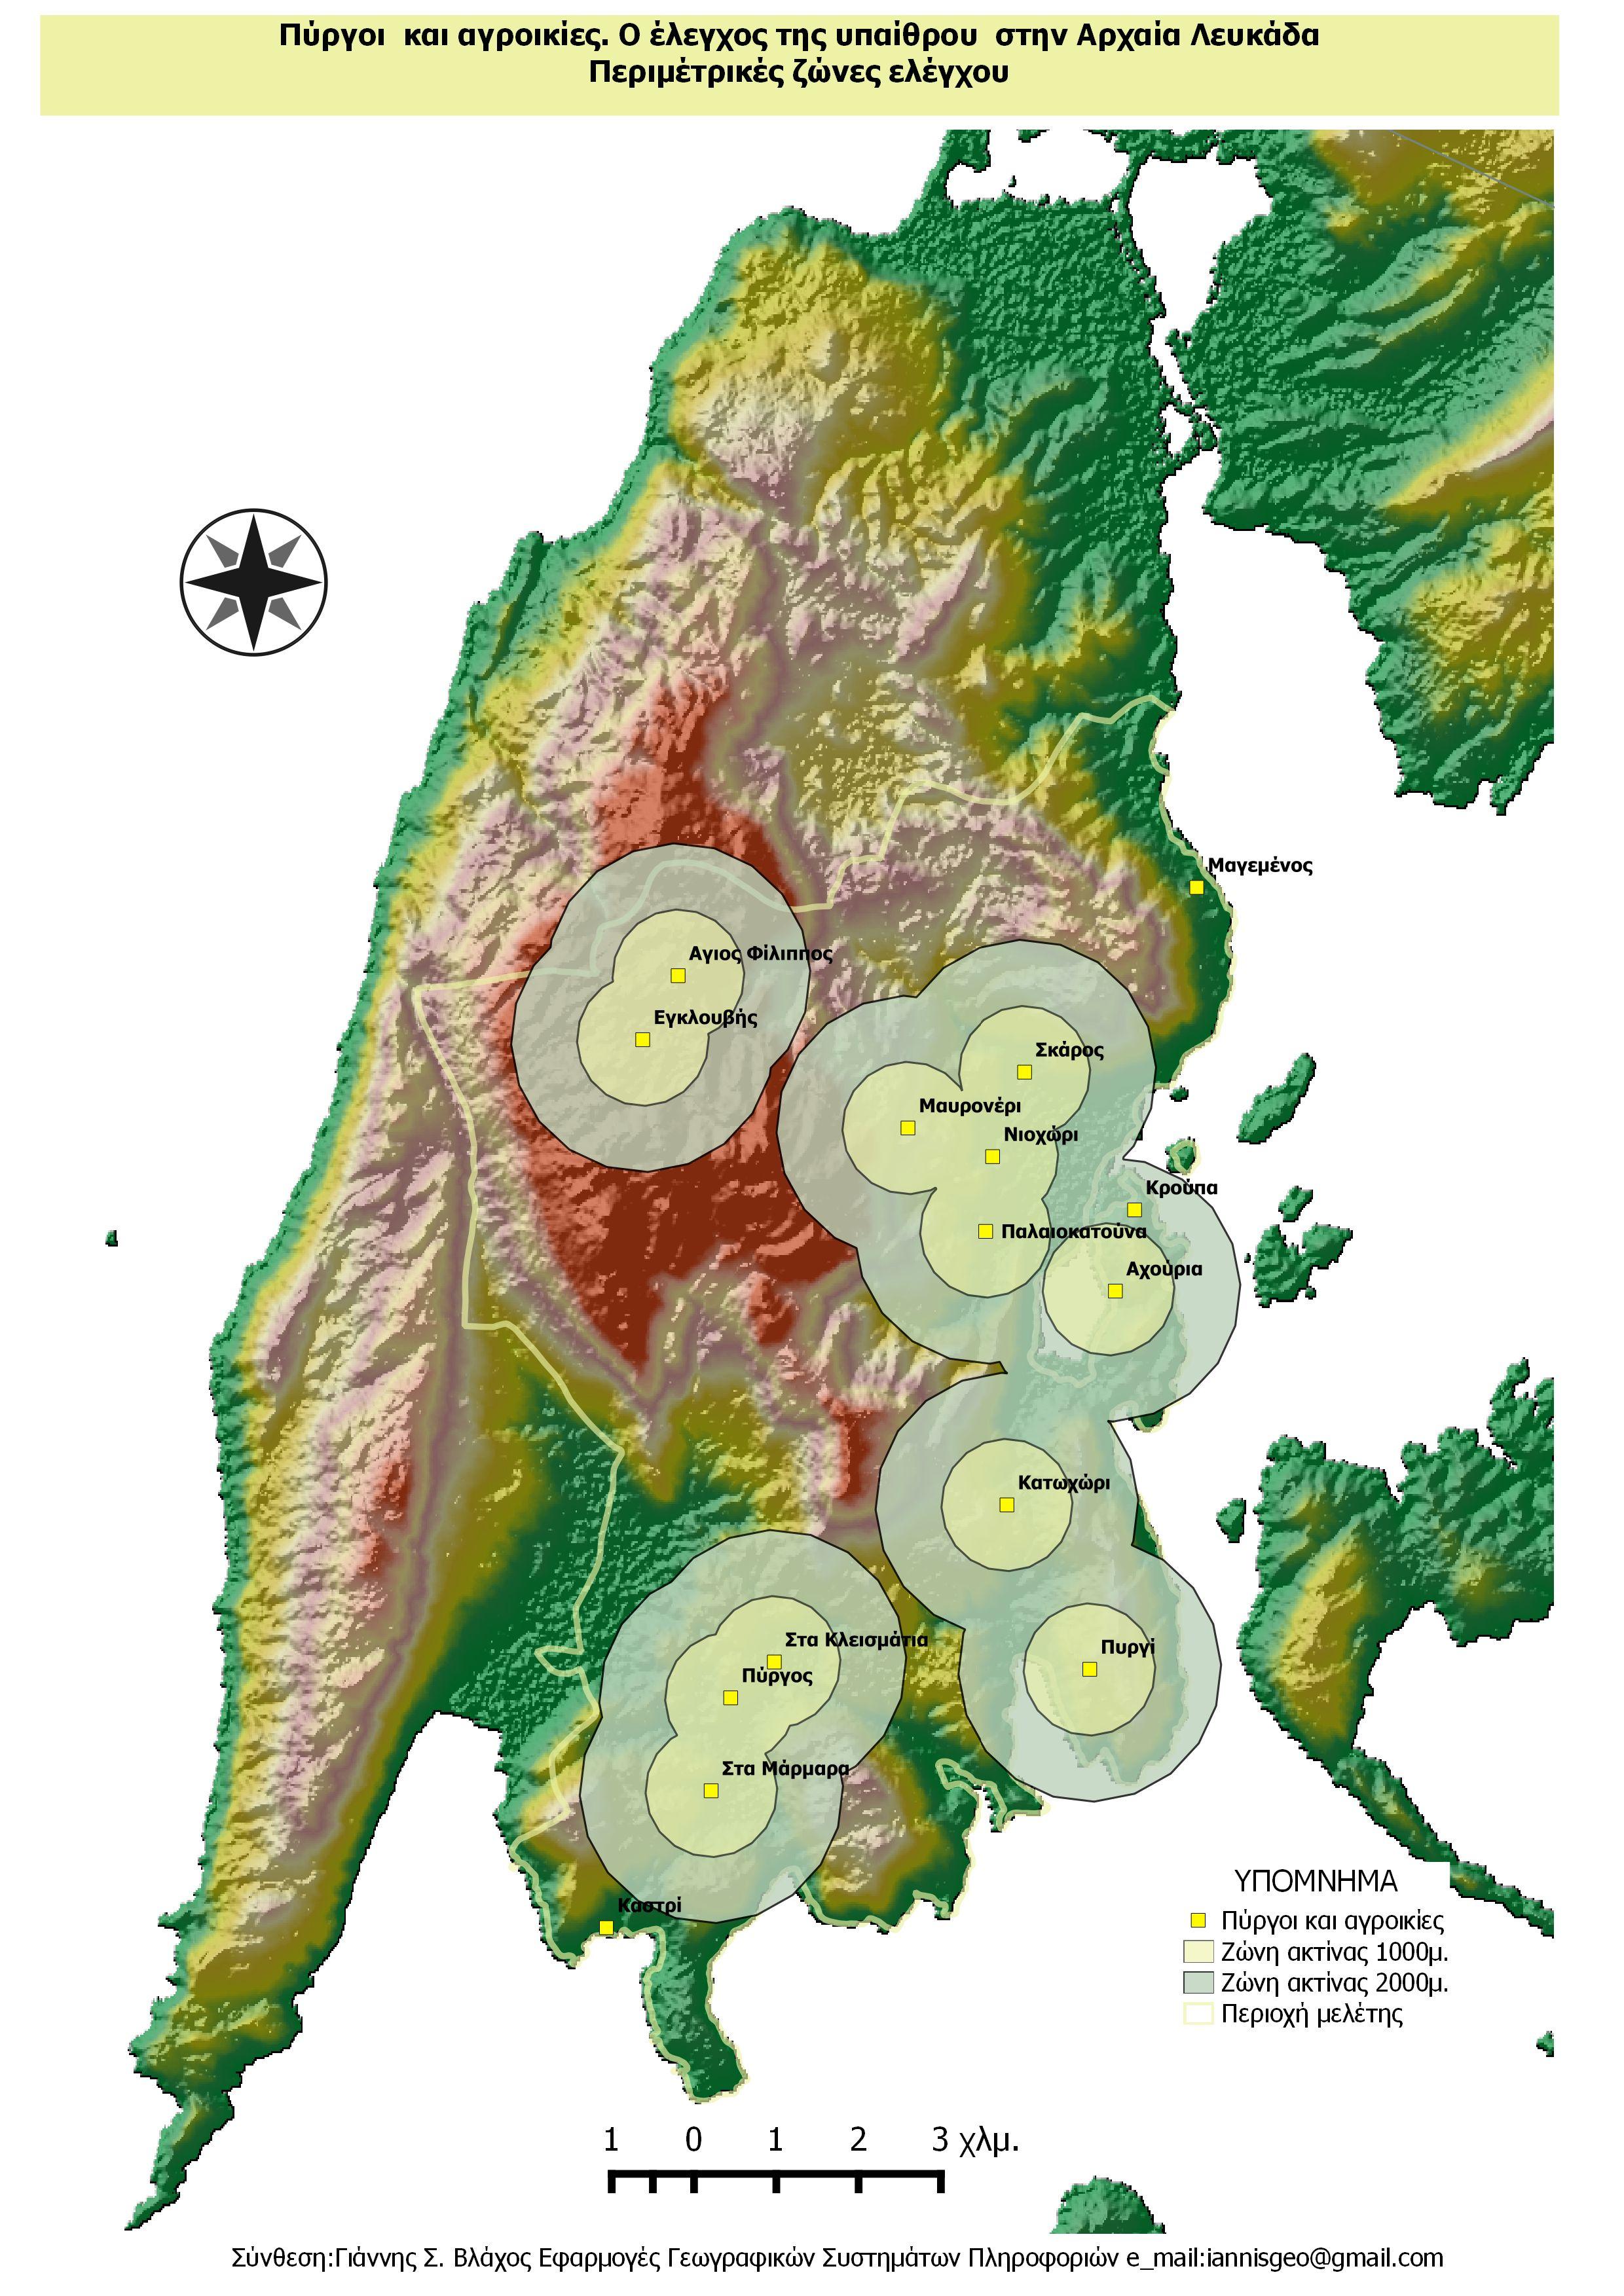 χάρτης-2-Περιμετρικές-ζώνες-ελέγχου